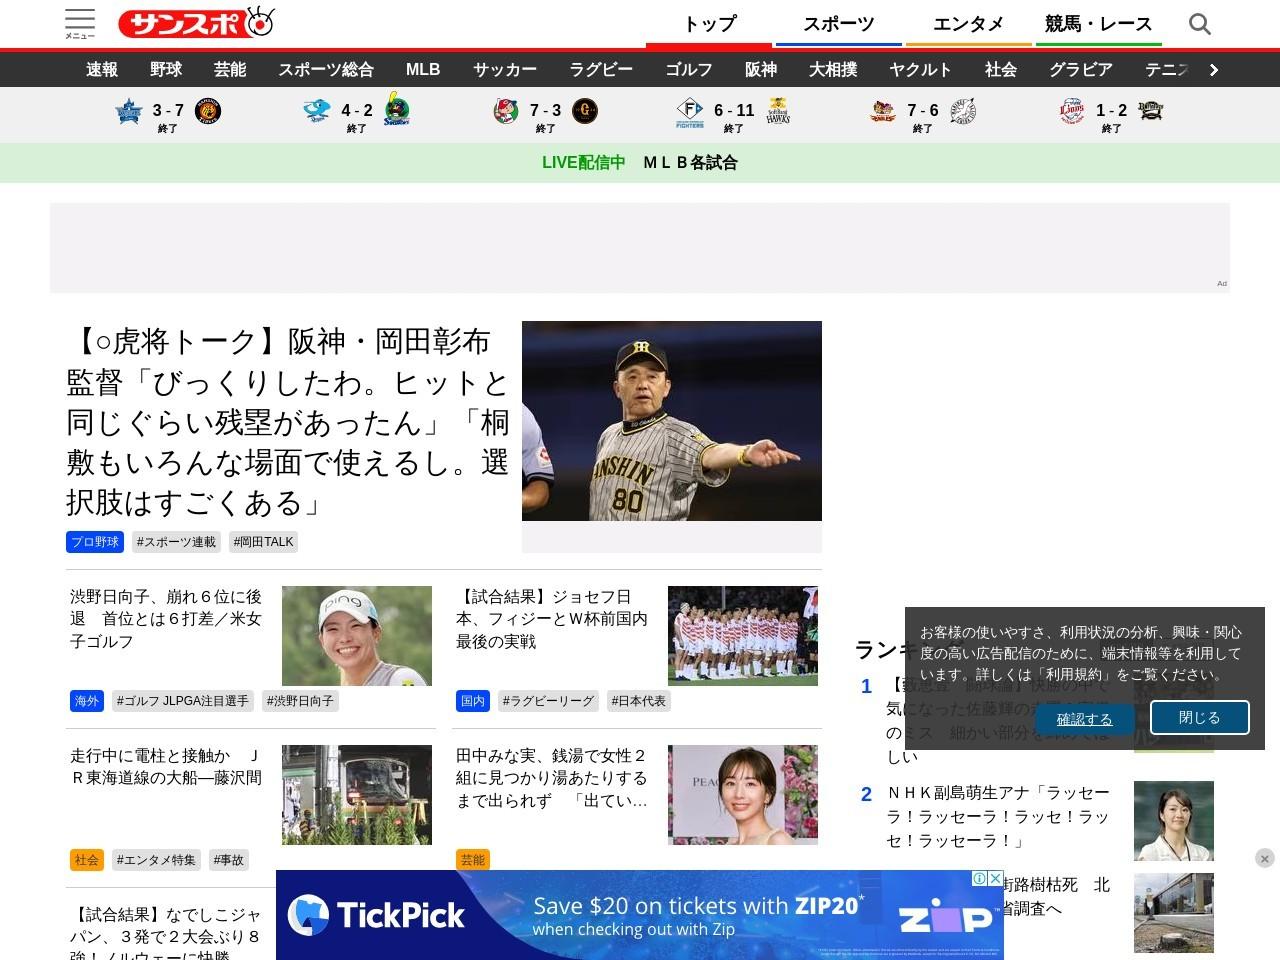 藤田ニコル「本当にテレビが全てなんだよね…」番組出演ランクで部門9位も複雑